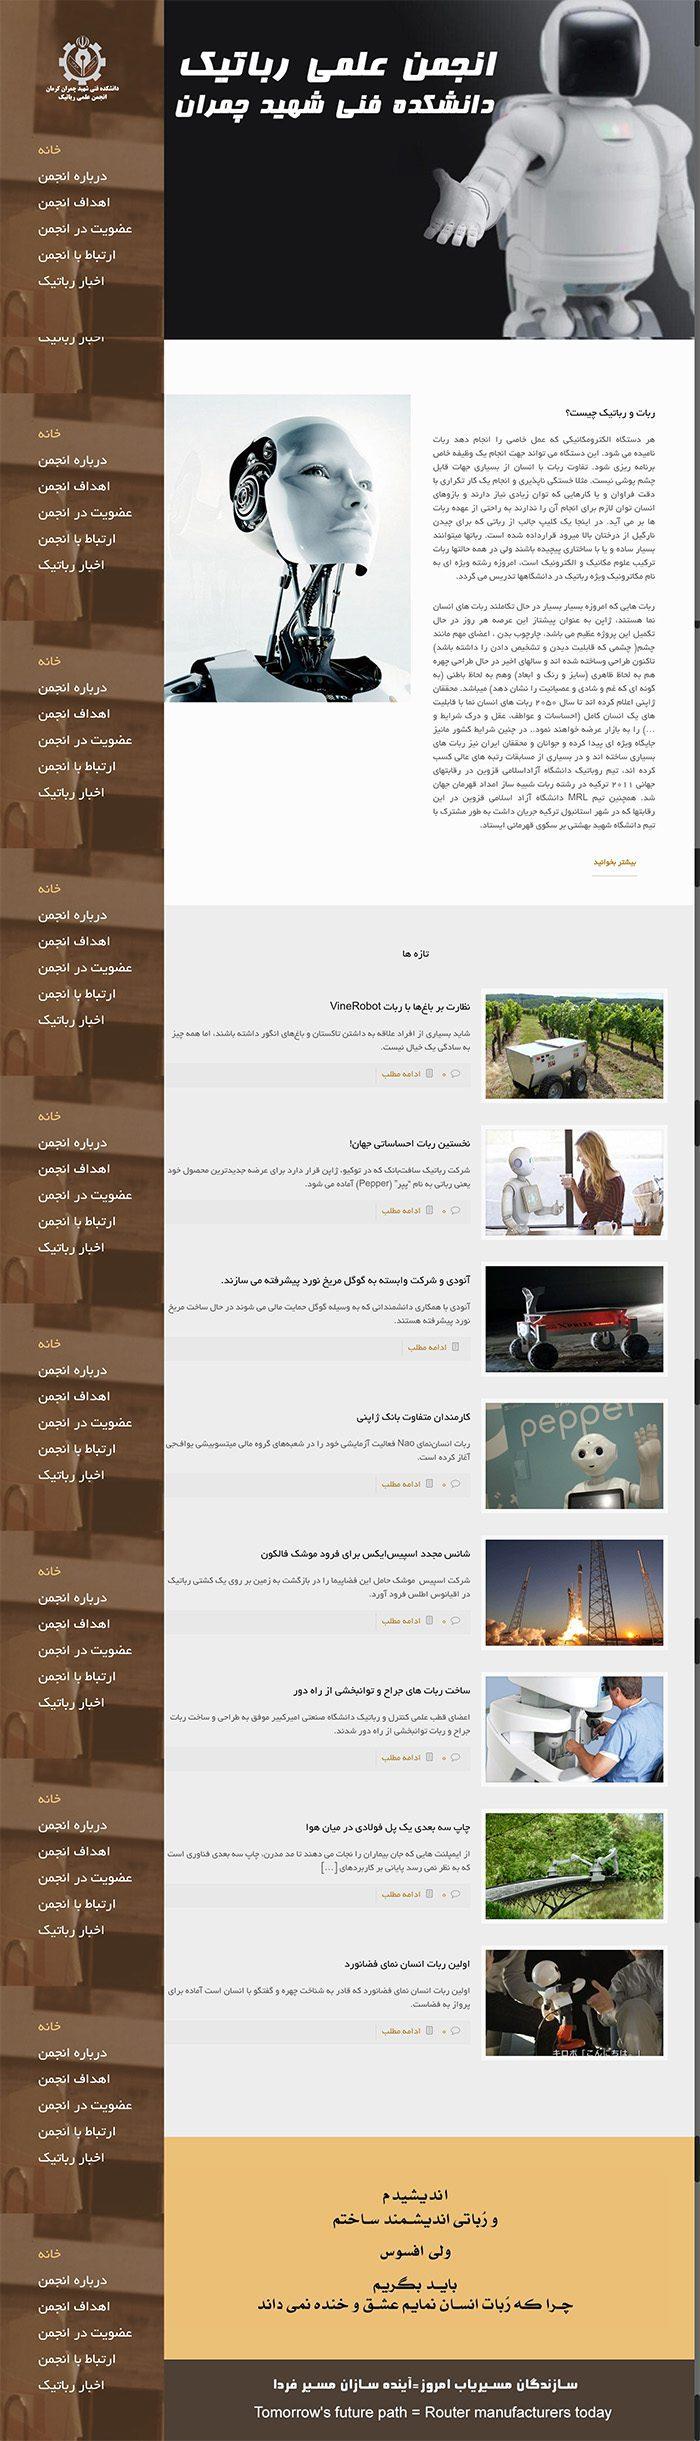 طراحی سایت انجمن رباتیک دانشگاه چمران توسط شرکت طراحی سایت سورنا در کرمان